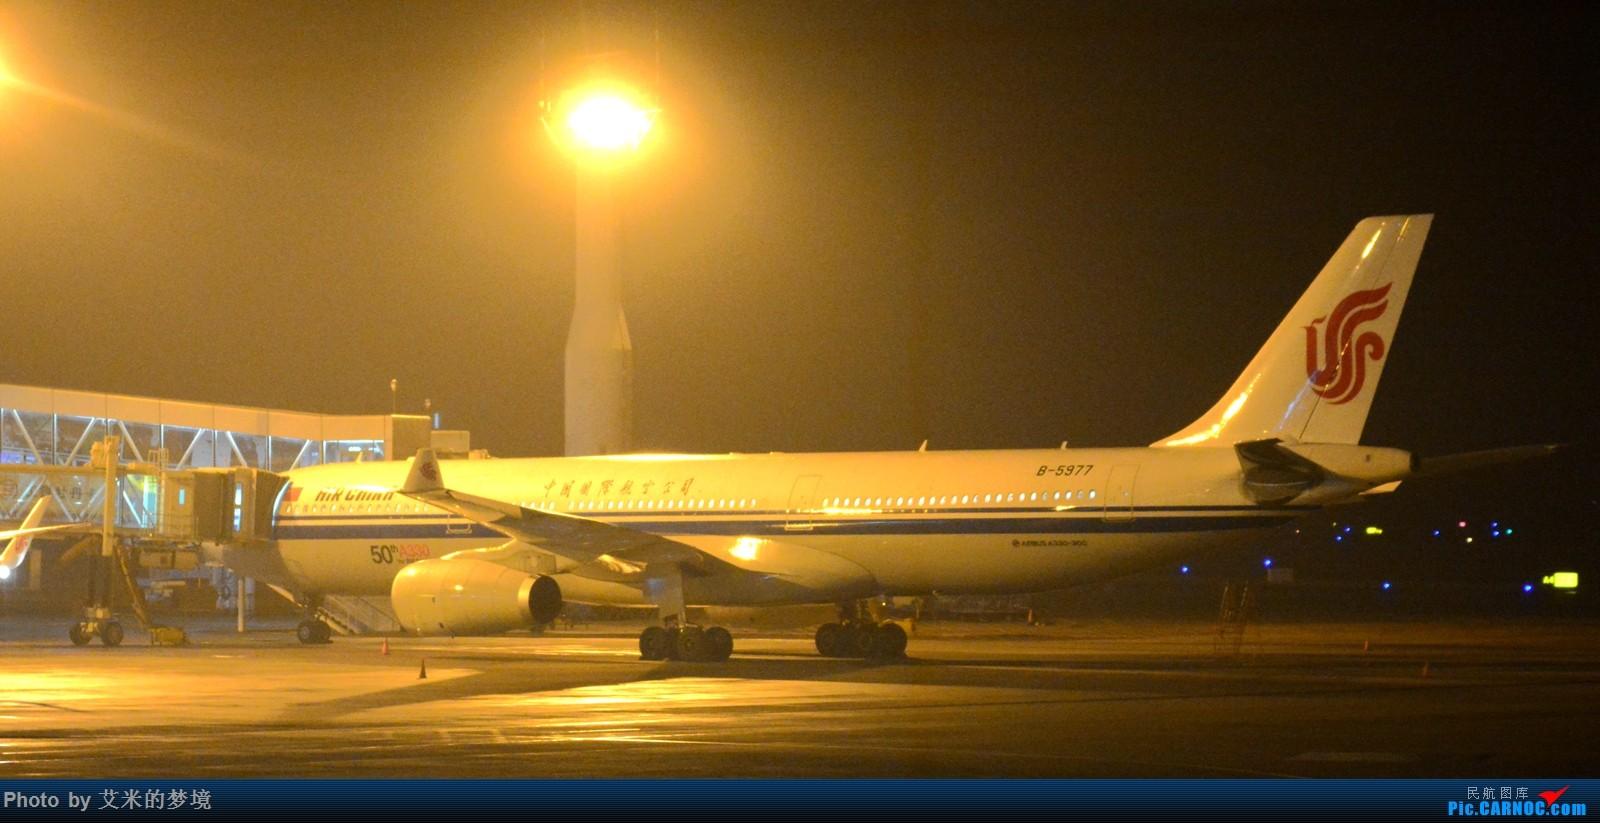 Re:[原创]【carnoc重庆飞友会】春运辣么忙,我想去拍拍。天气那么烂,技术也不好。 AIRBUS A330-300 B-5977 中国重庆江北国际机场